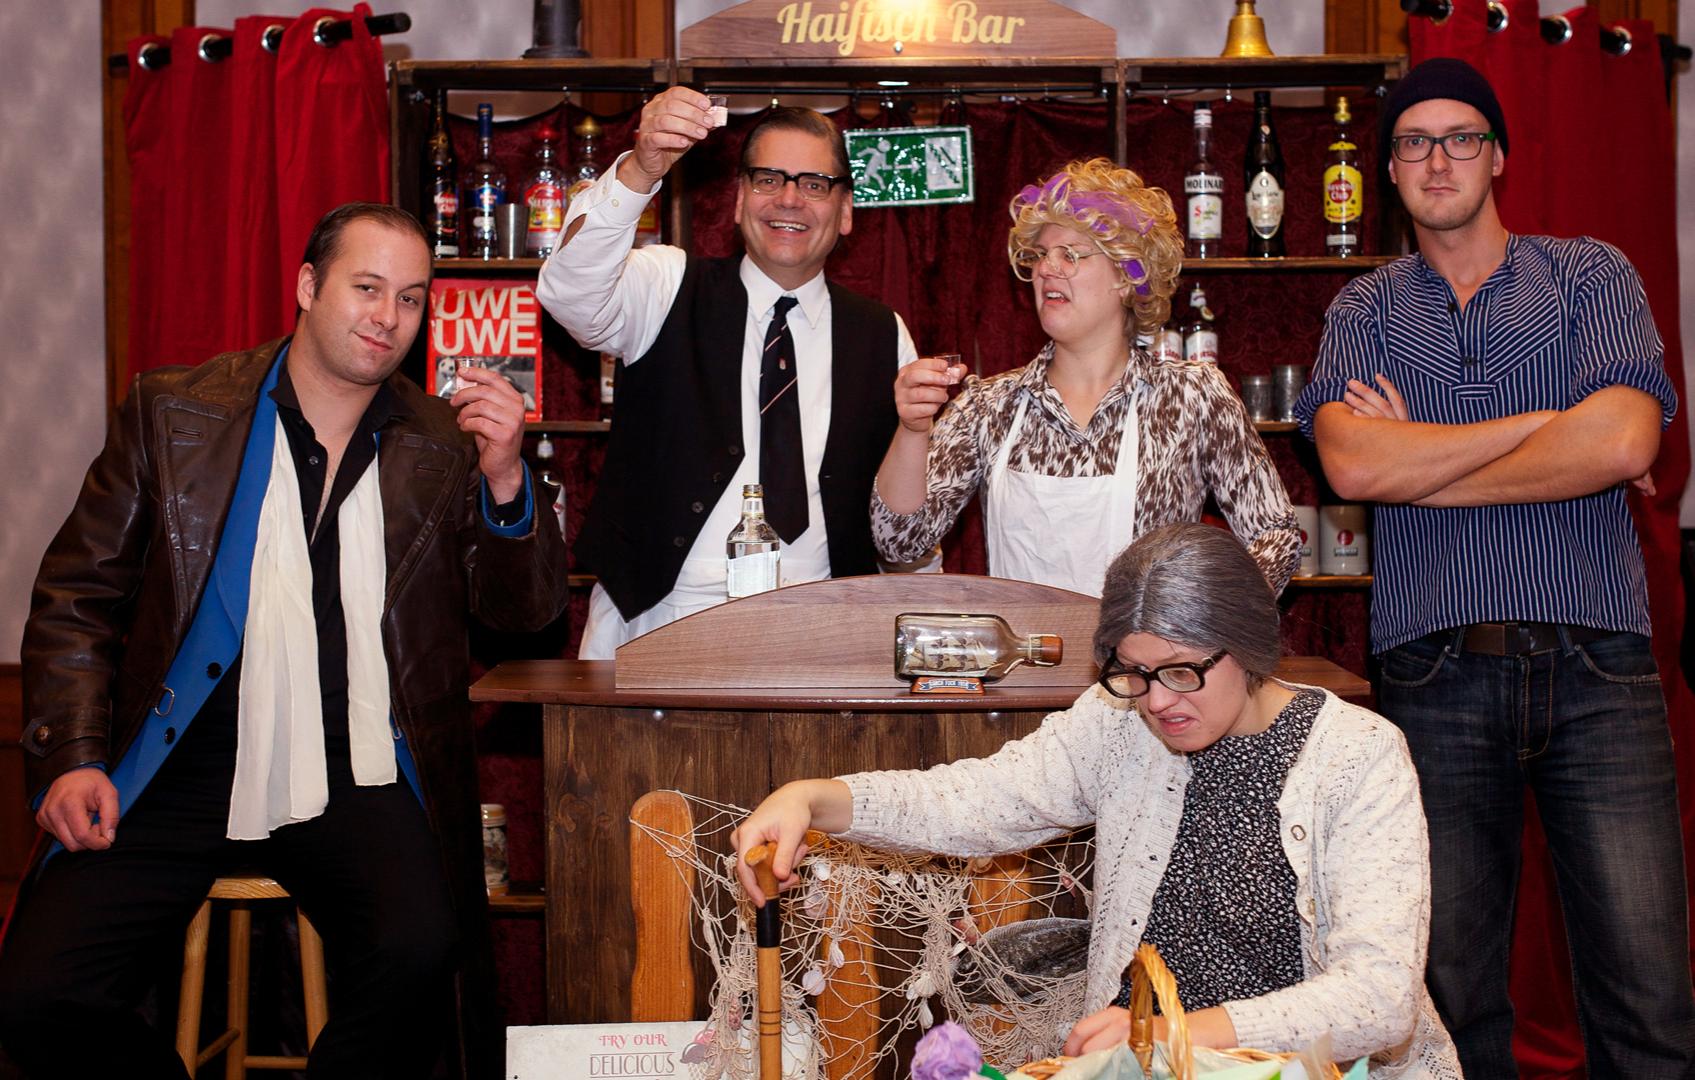 das-kriminal-dinner-casino-rammelsberg-ek-goslar-bg5